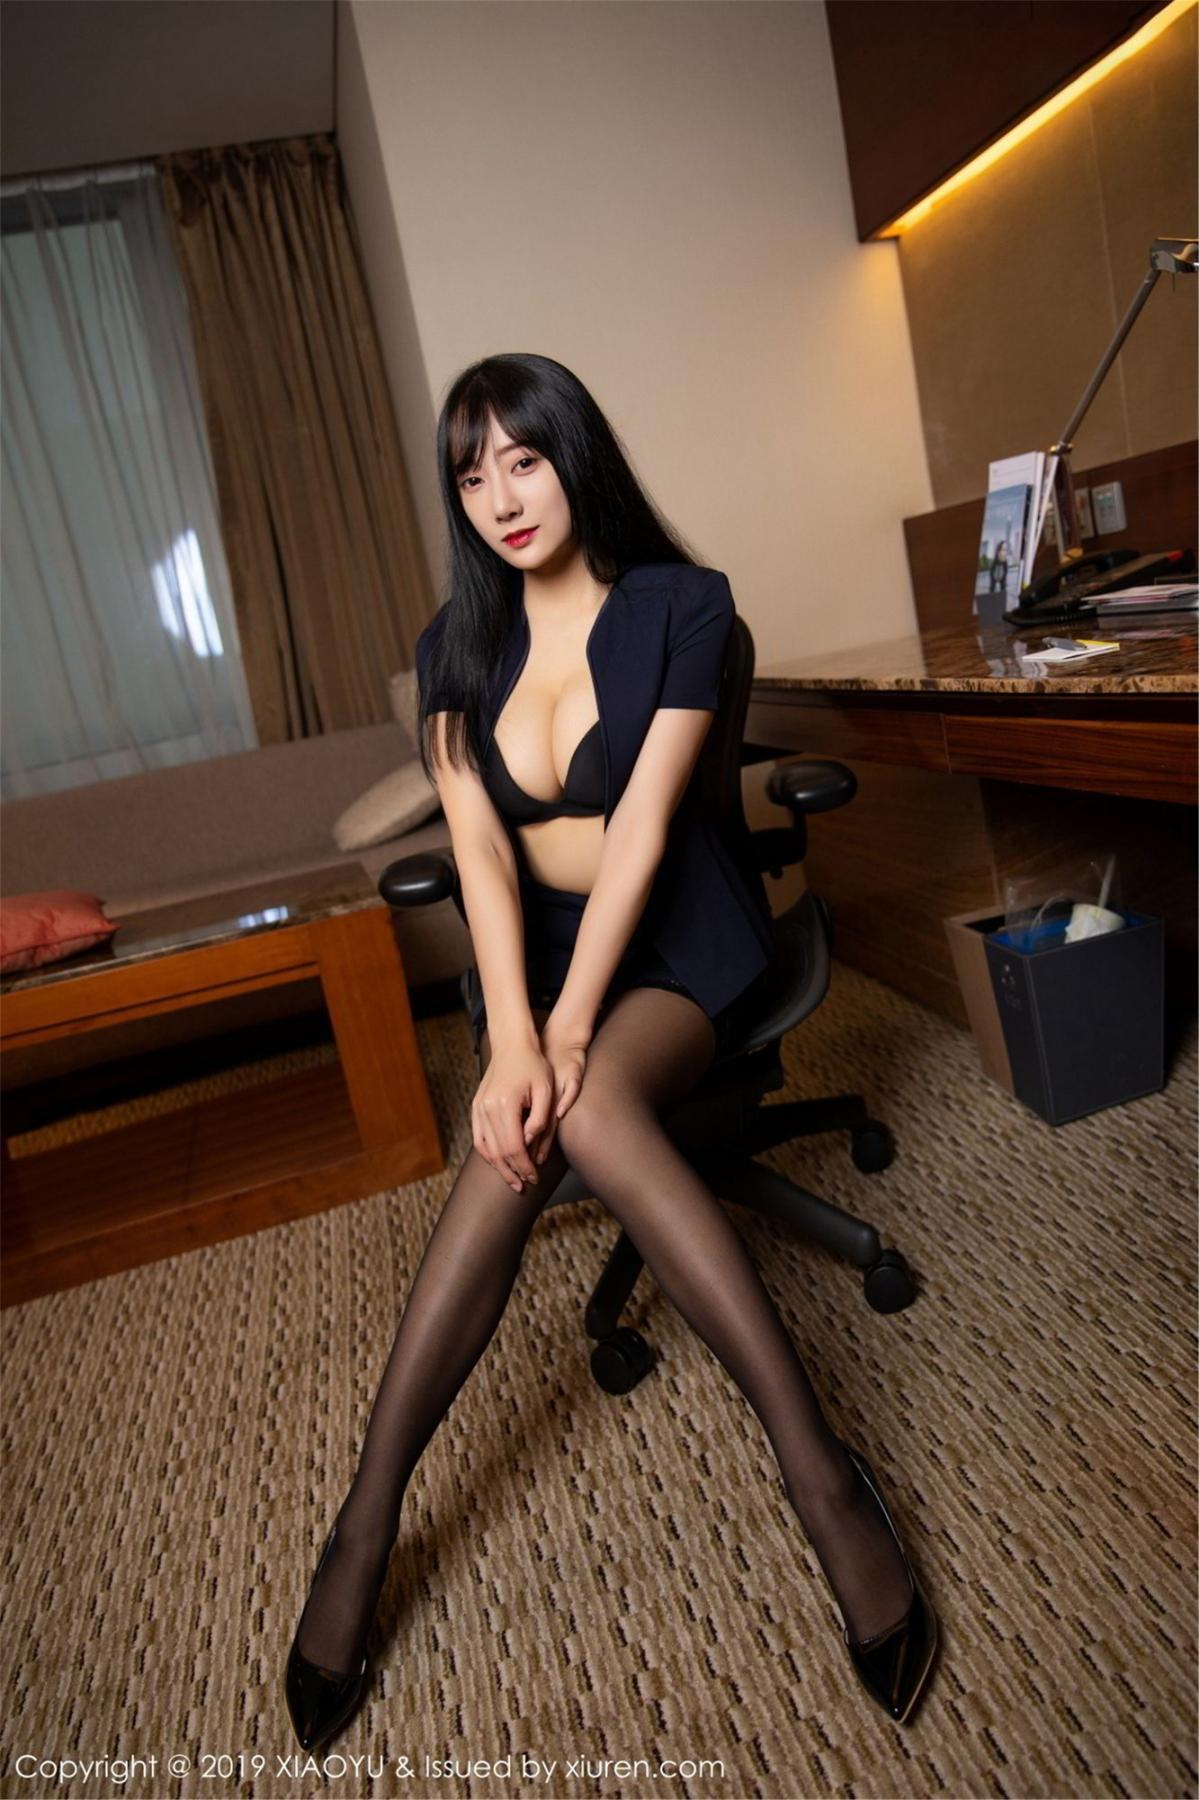 [XiaoYu] Vol.068 He Jia Ying 28P, Black Silk, He Jia Ying, Uniform, XiaoYu